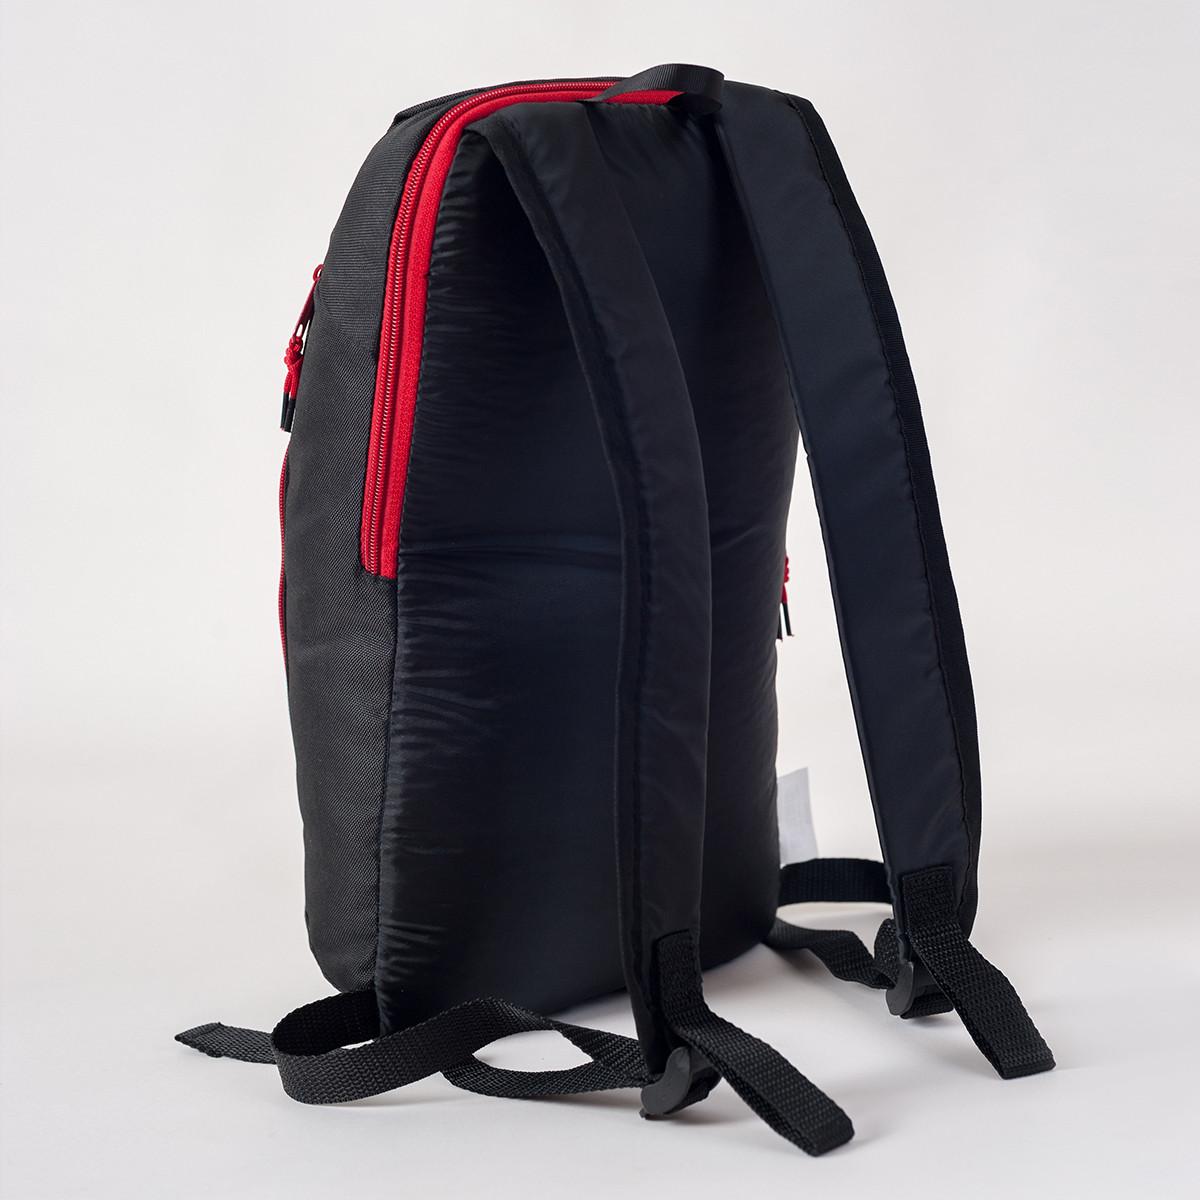 Спортивный рюкзак MAYERS 10L, черный / красная молния, фото 3